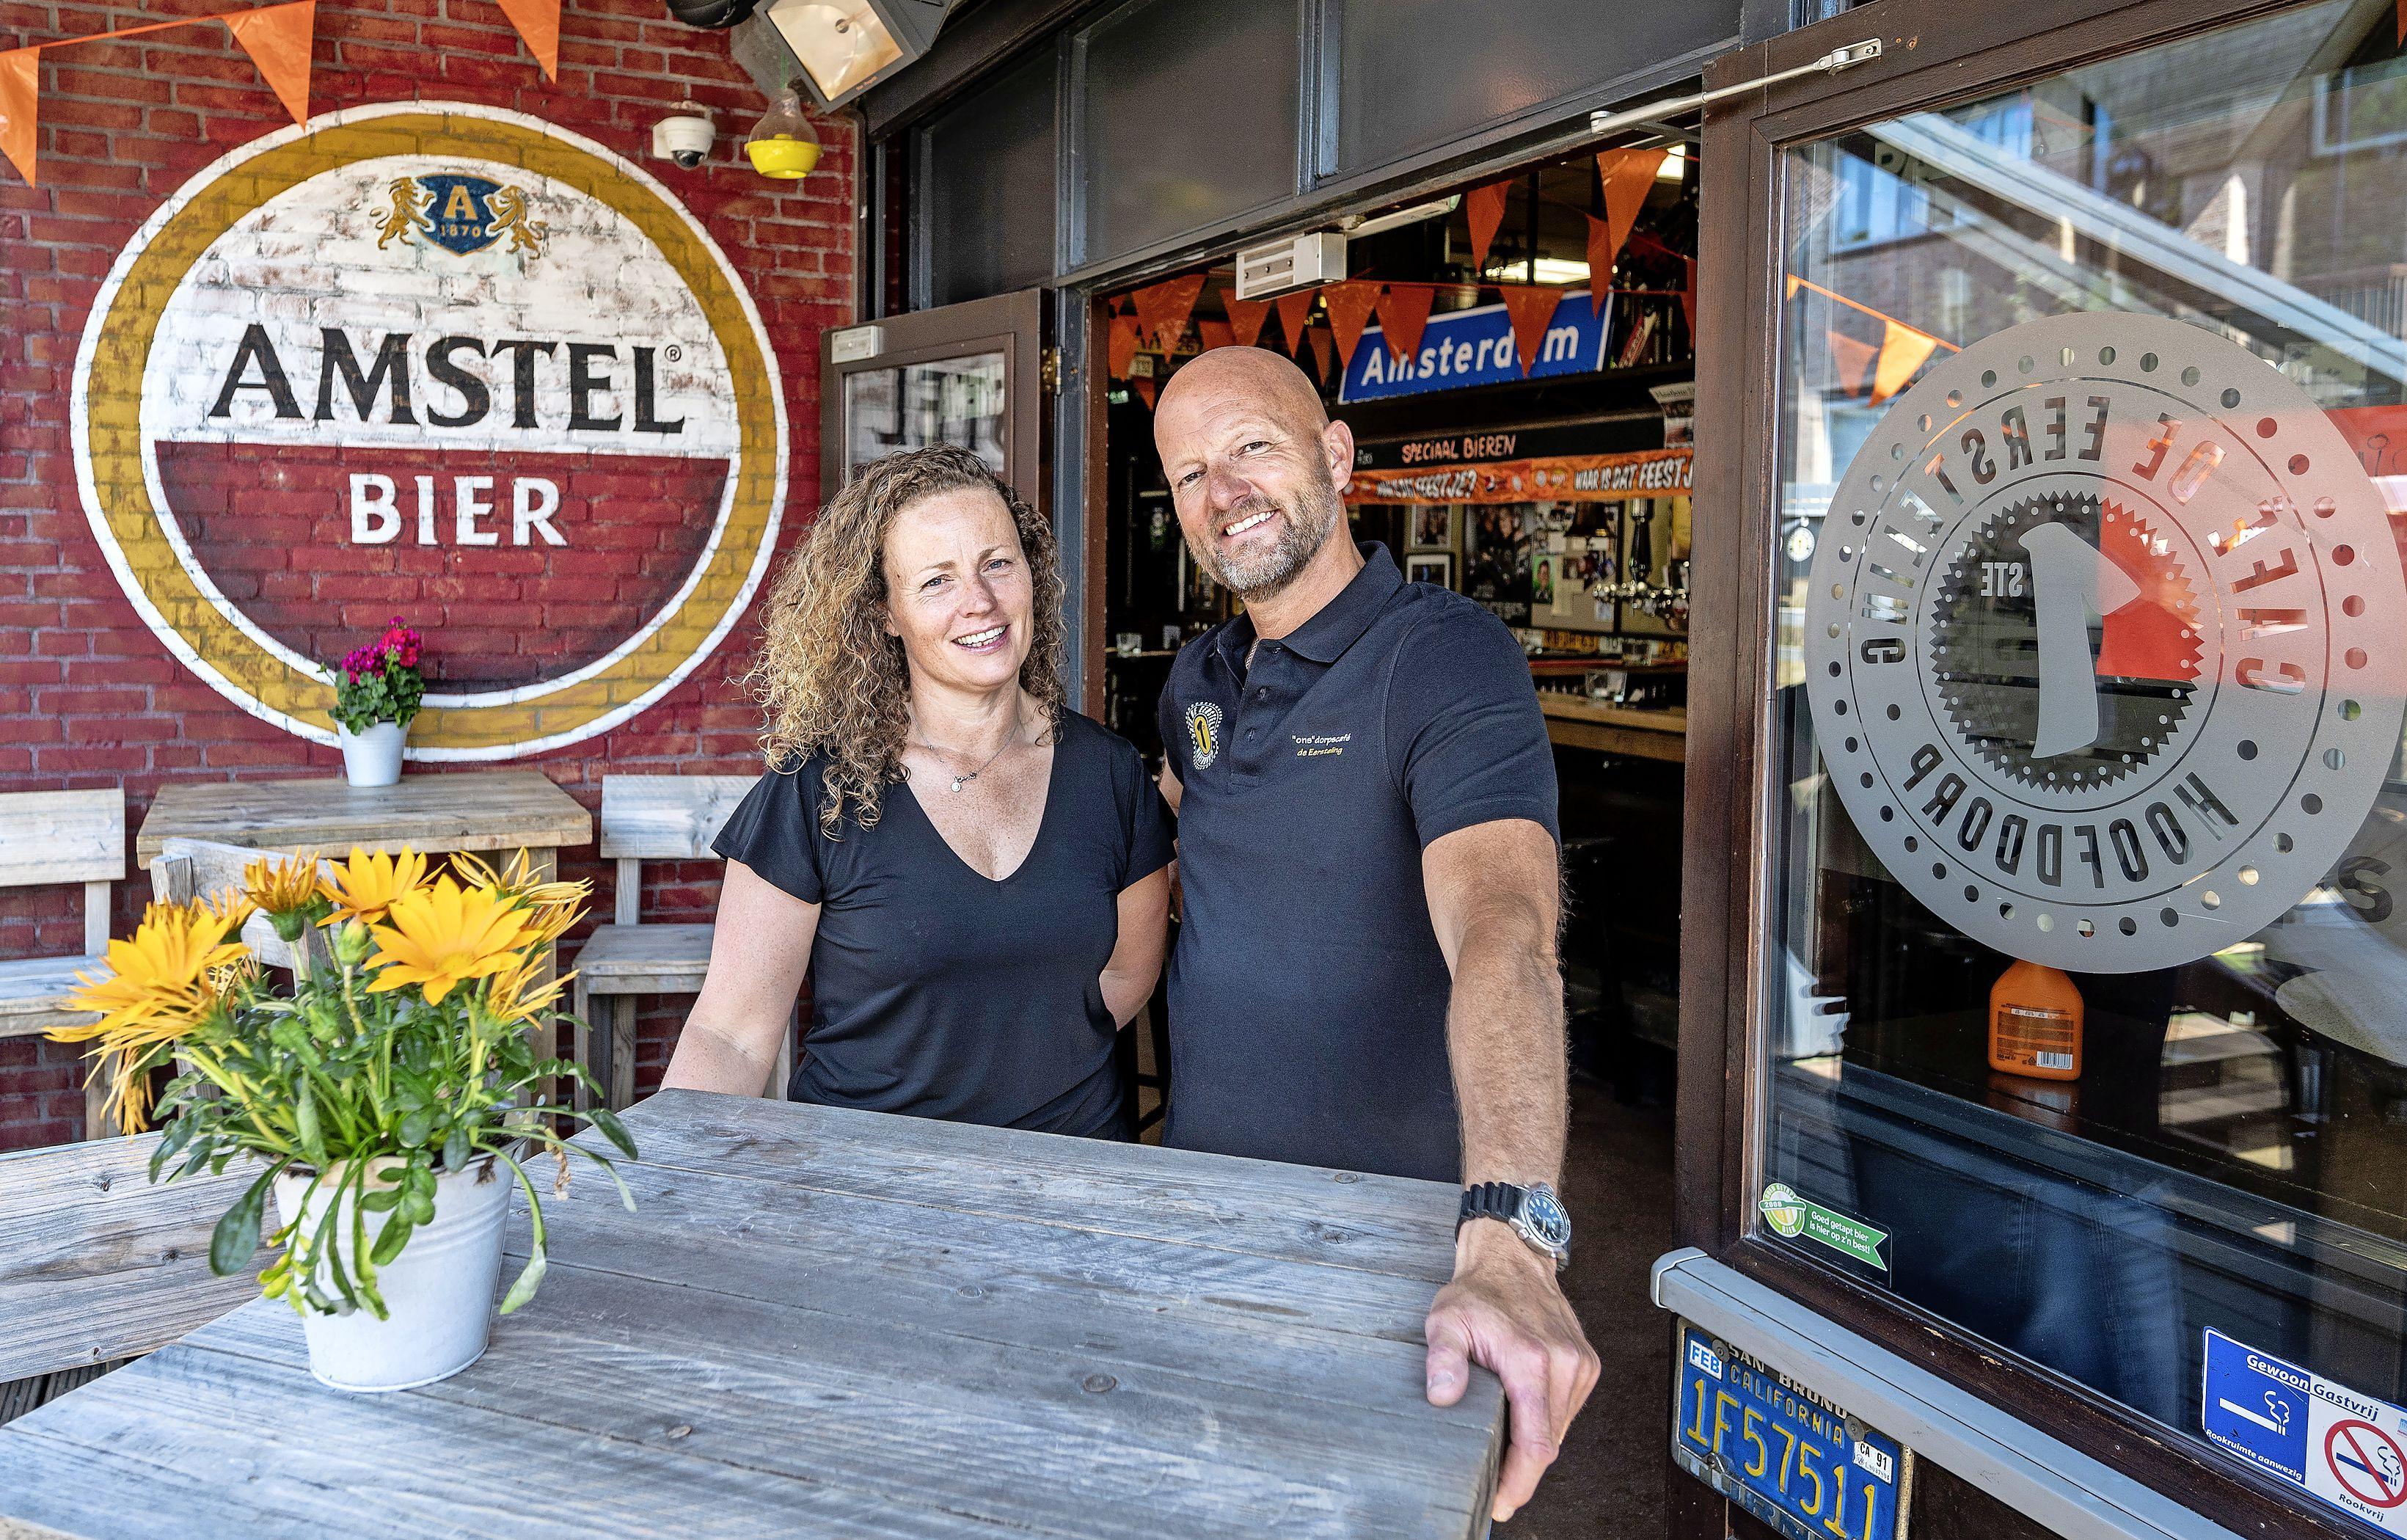 Café De Eersteling verdwijnt na 44 jaar. 'Als kleine kinderen aan de kant getrapt'